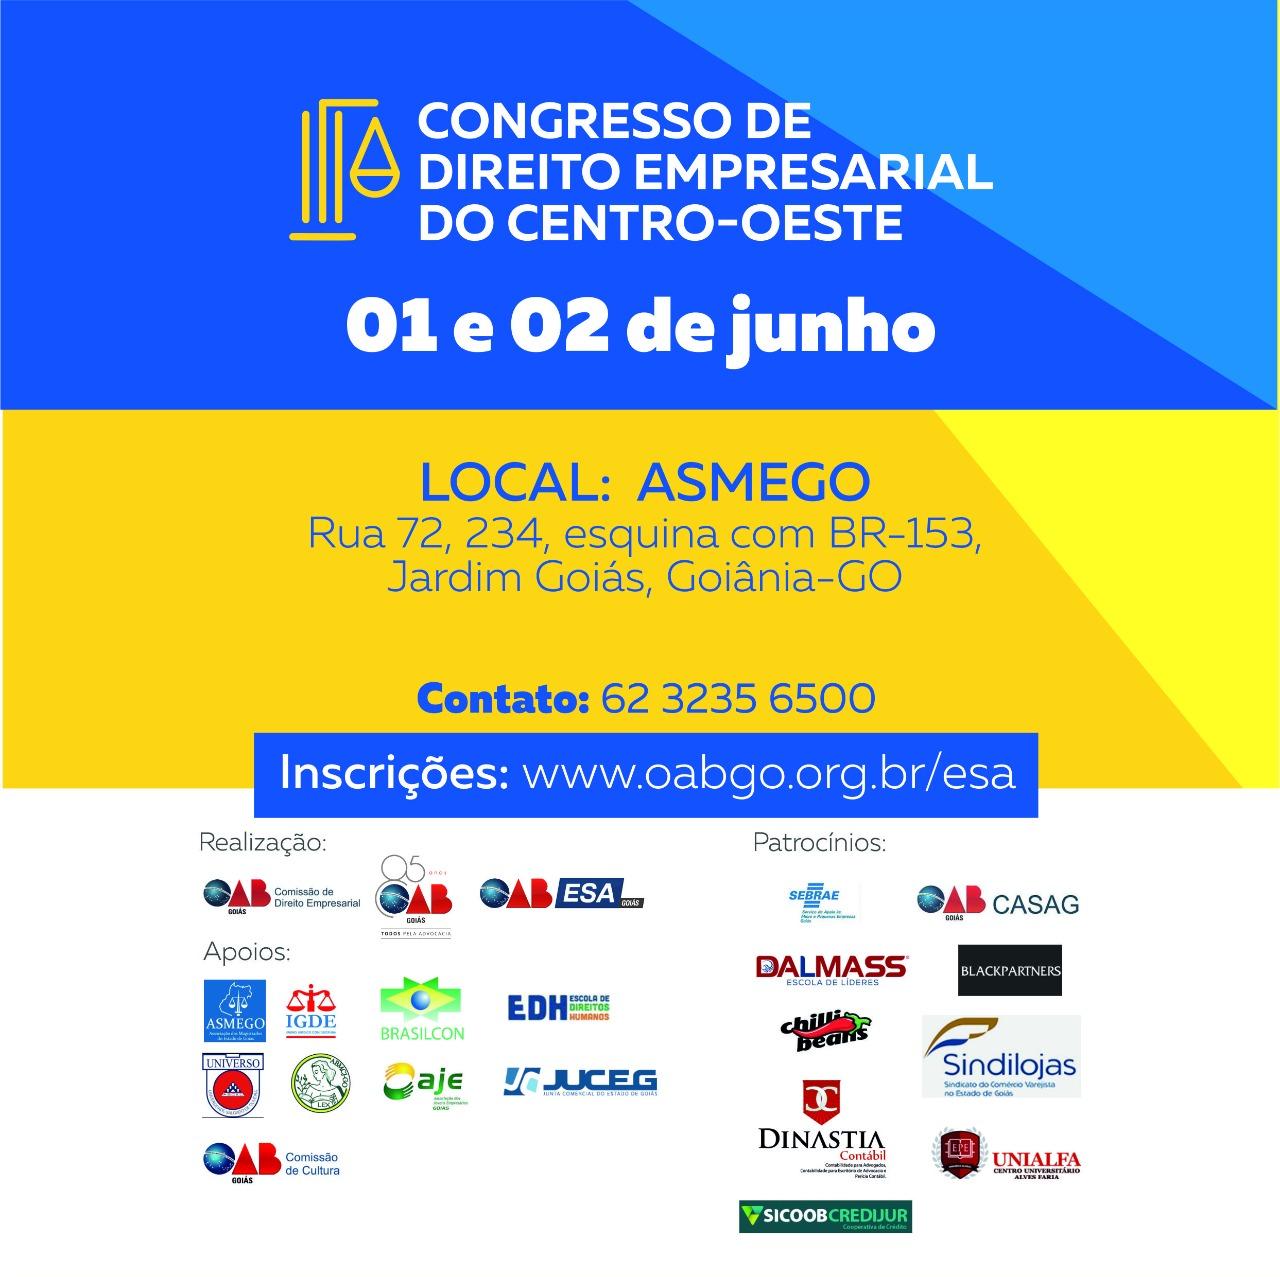 01 e 02.06 - Congresso de Direito Empresarial do Centro-Oeste